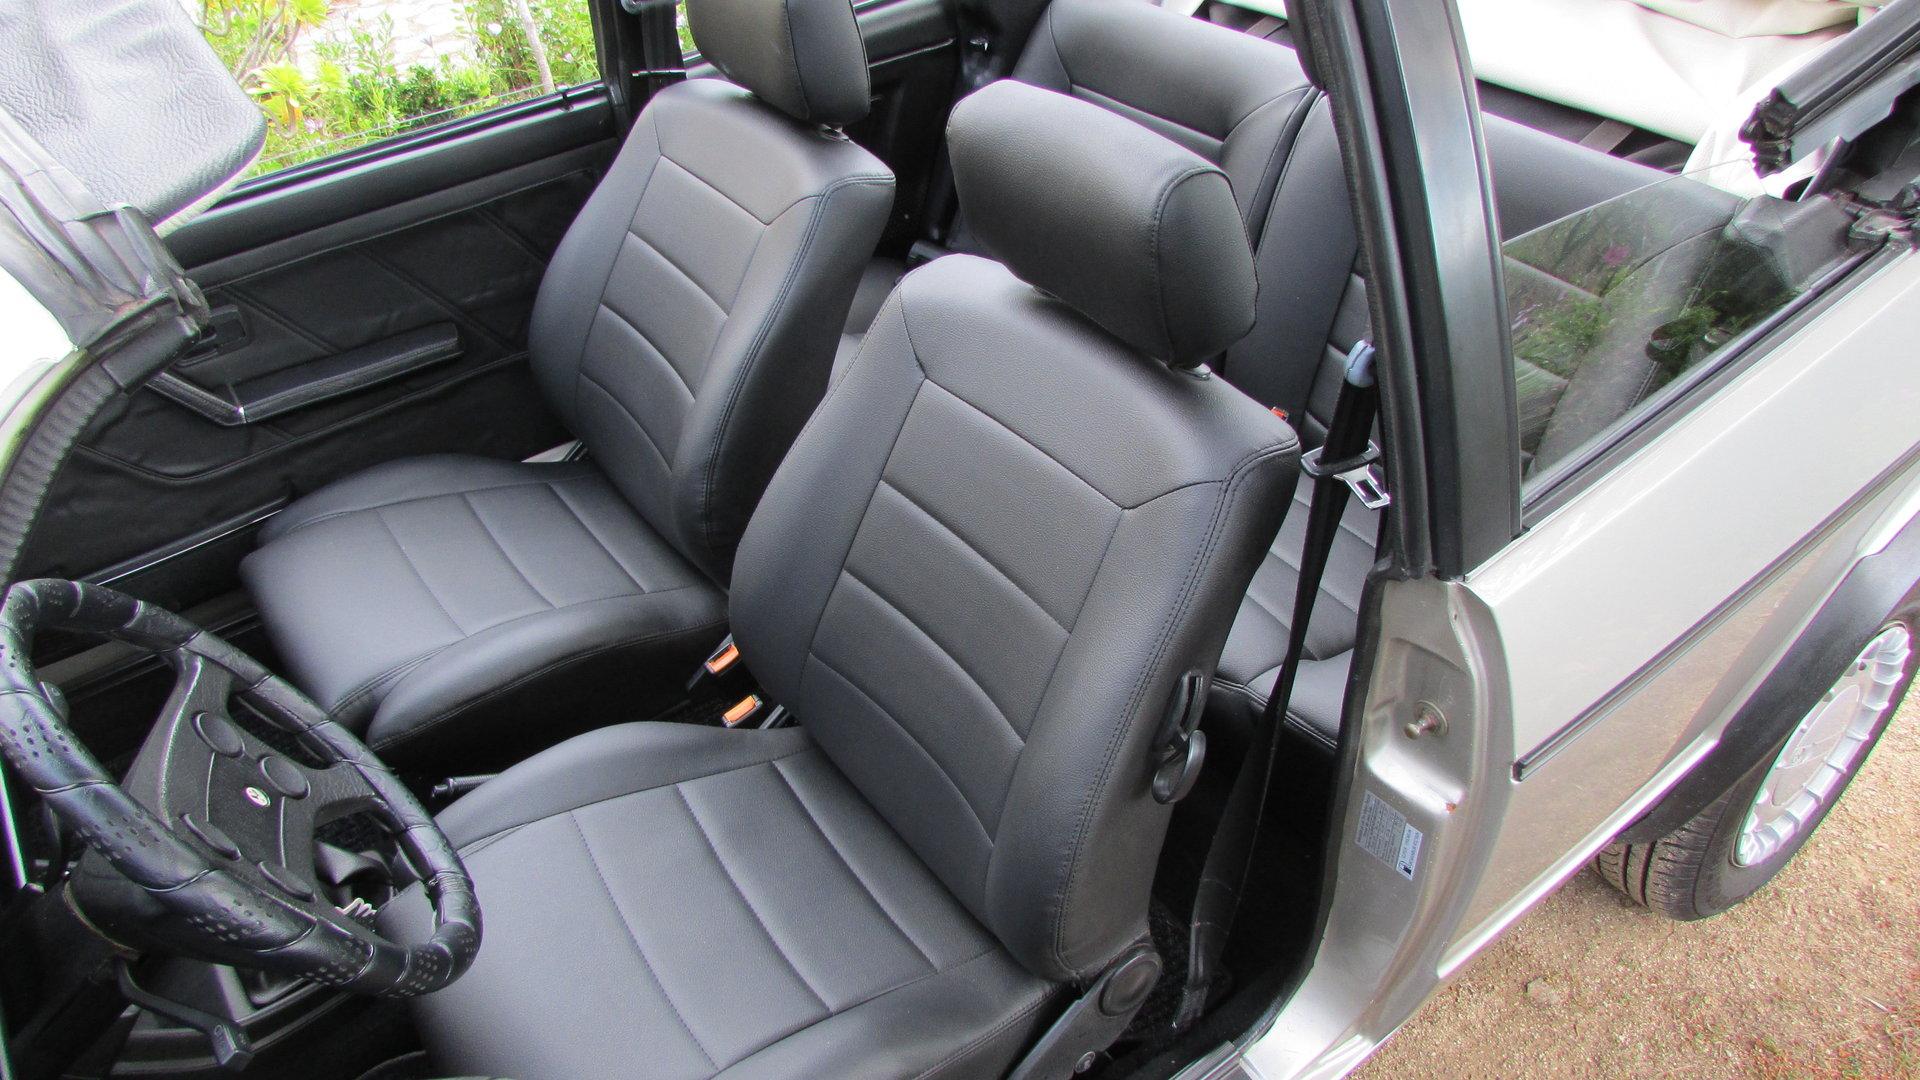 Golf 1 Cabrio Sitzbezüge inkl. Türverkleidungen in schwarz